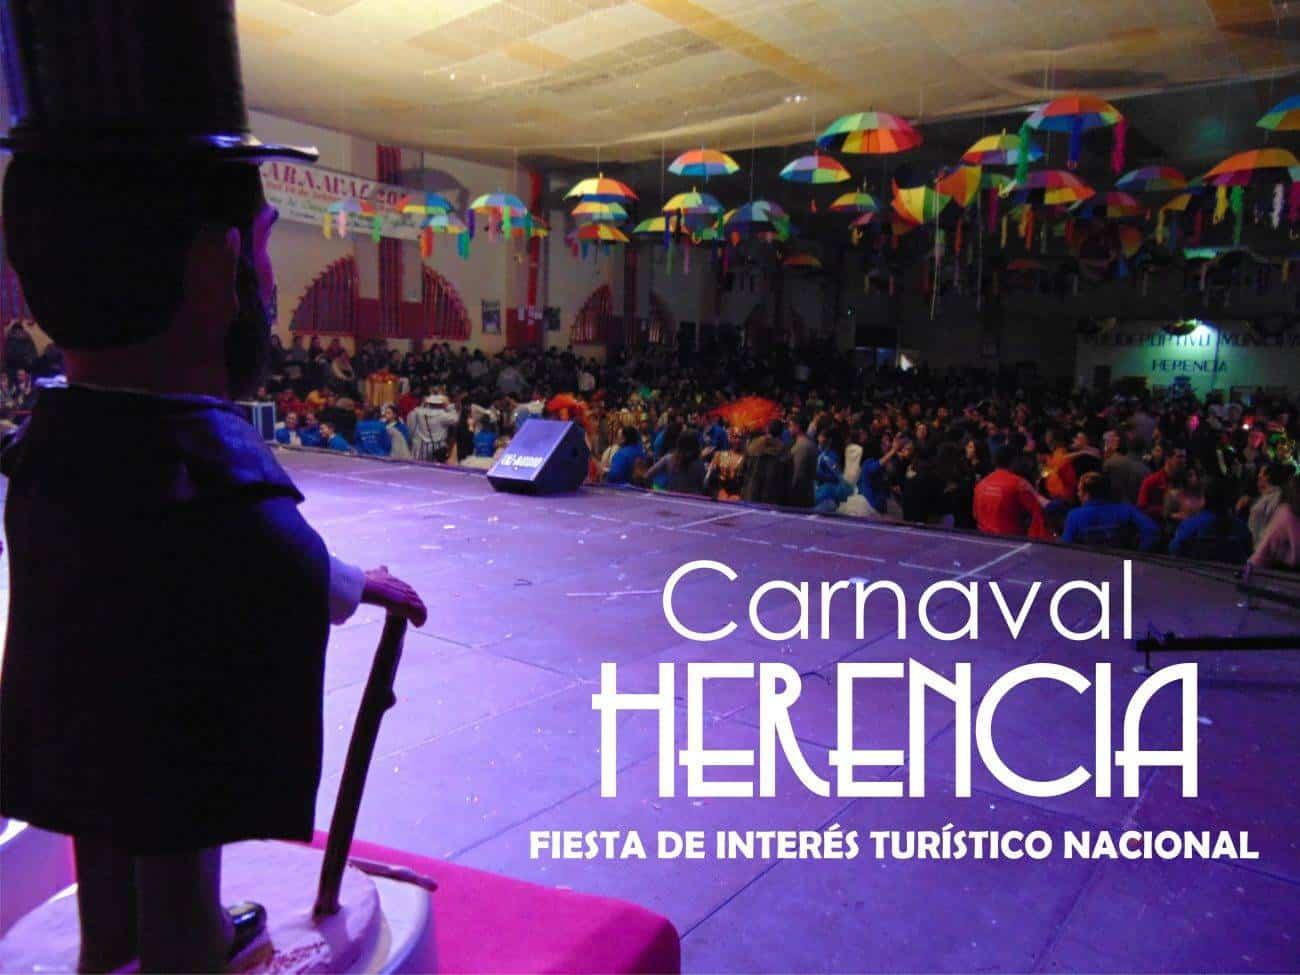 El BOE publica la declaración de Interés Turístico Nacional del Carnaval de Herencia 3